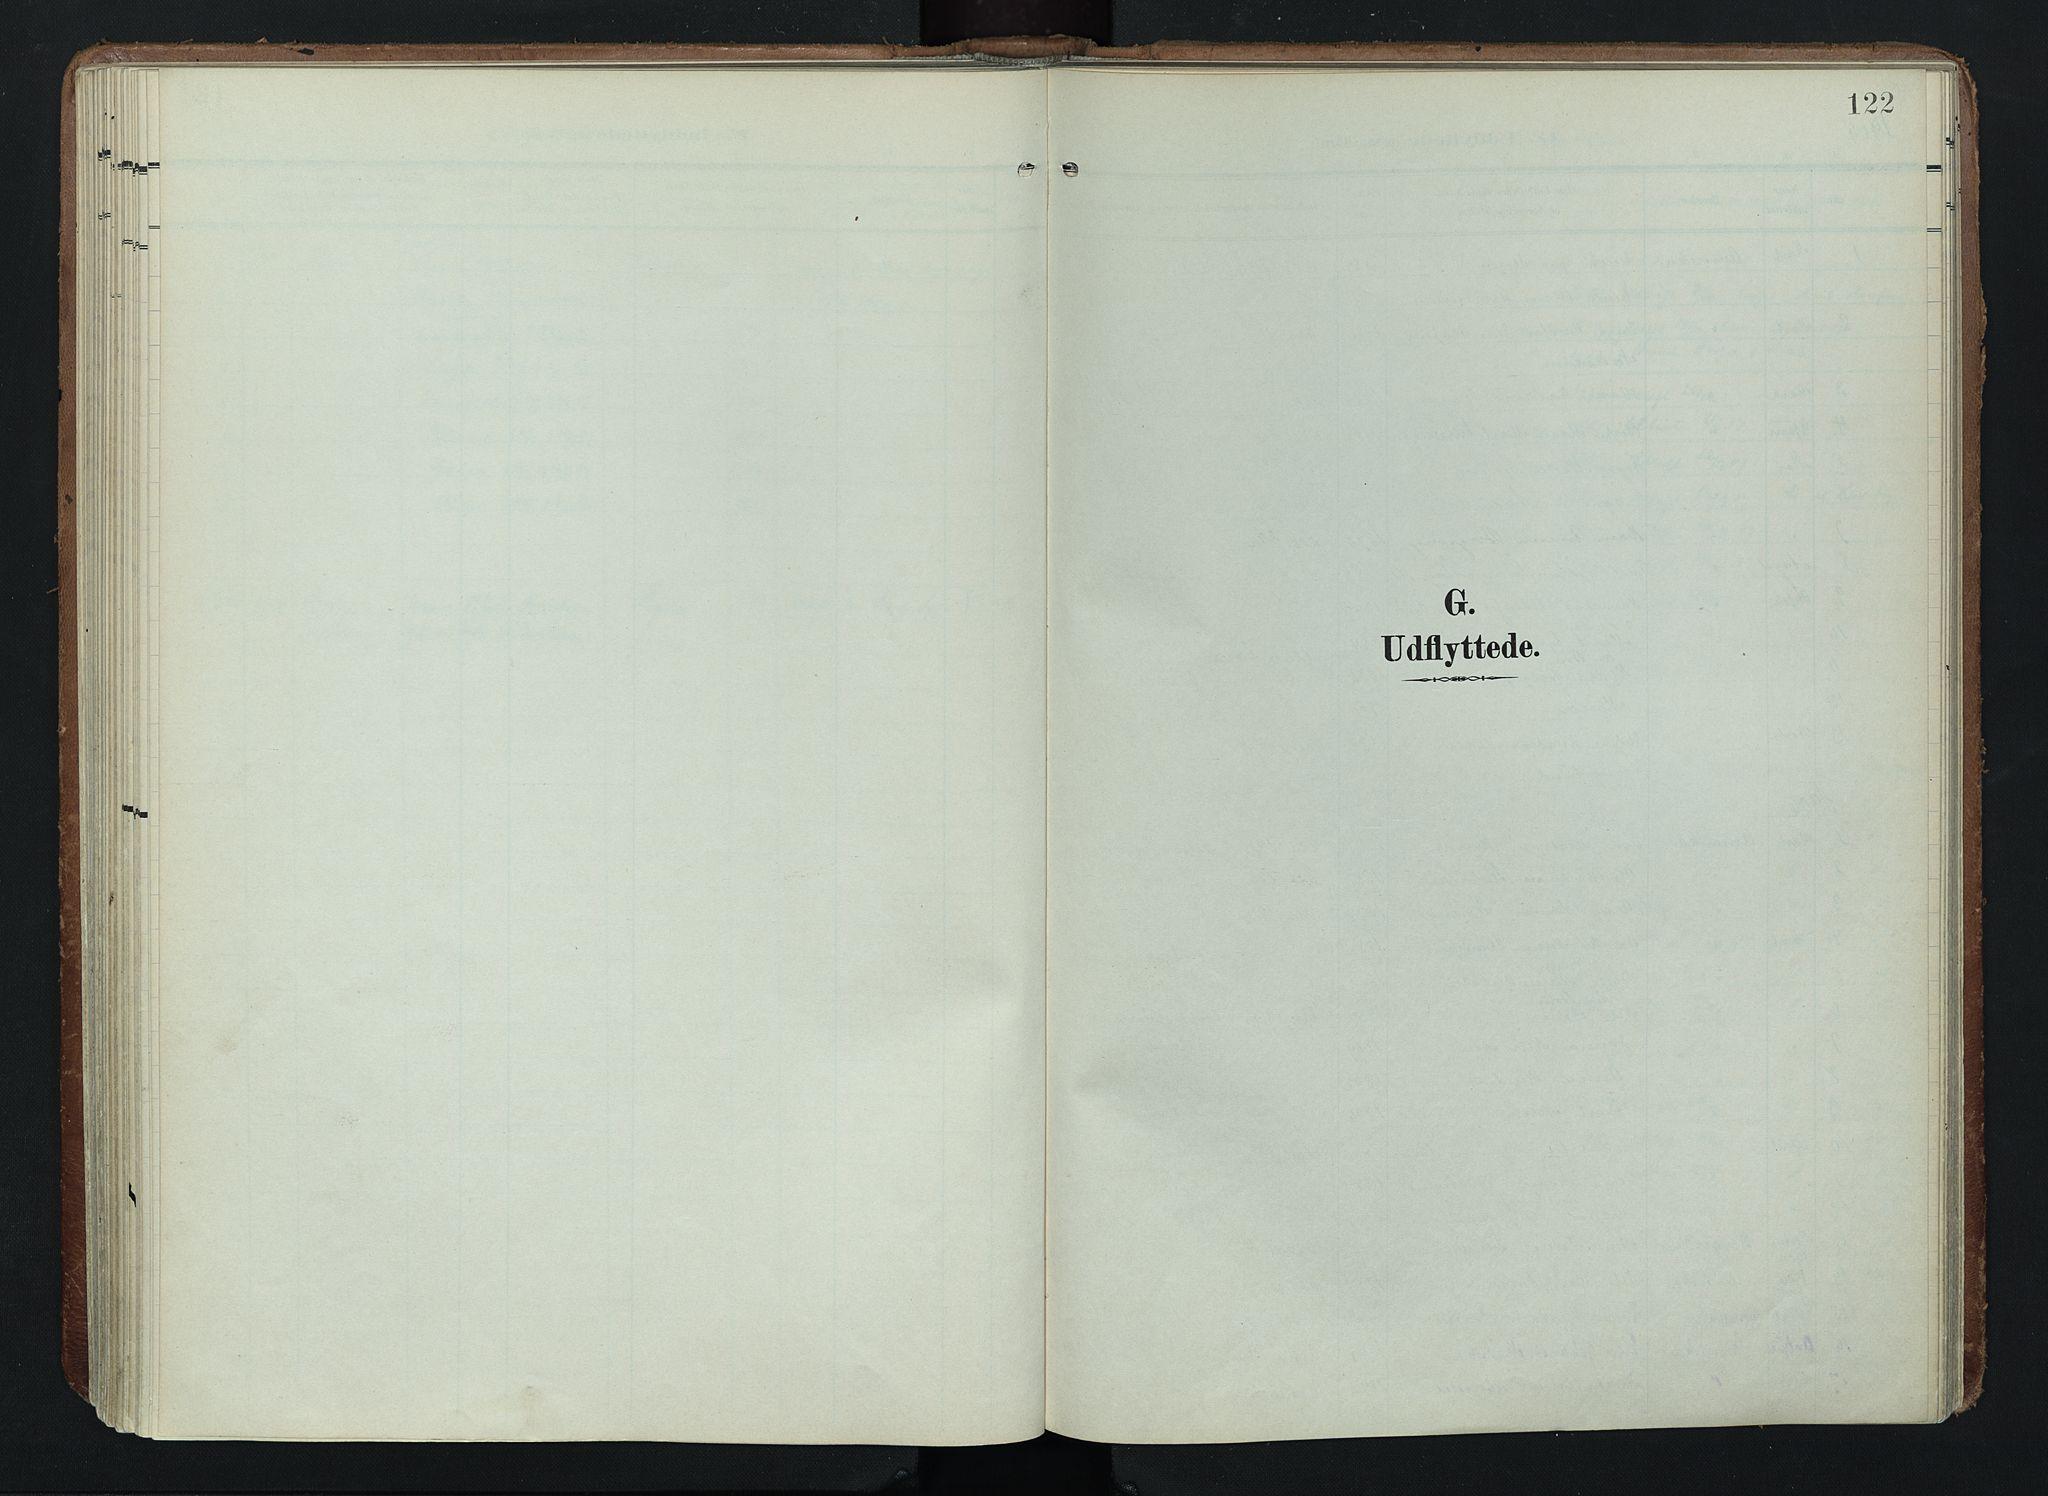 SAH, Søndre Land prestekontor, K/L0005: Ministerialbok nr. 5, 1905-1914, s. 122